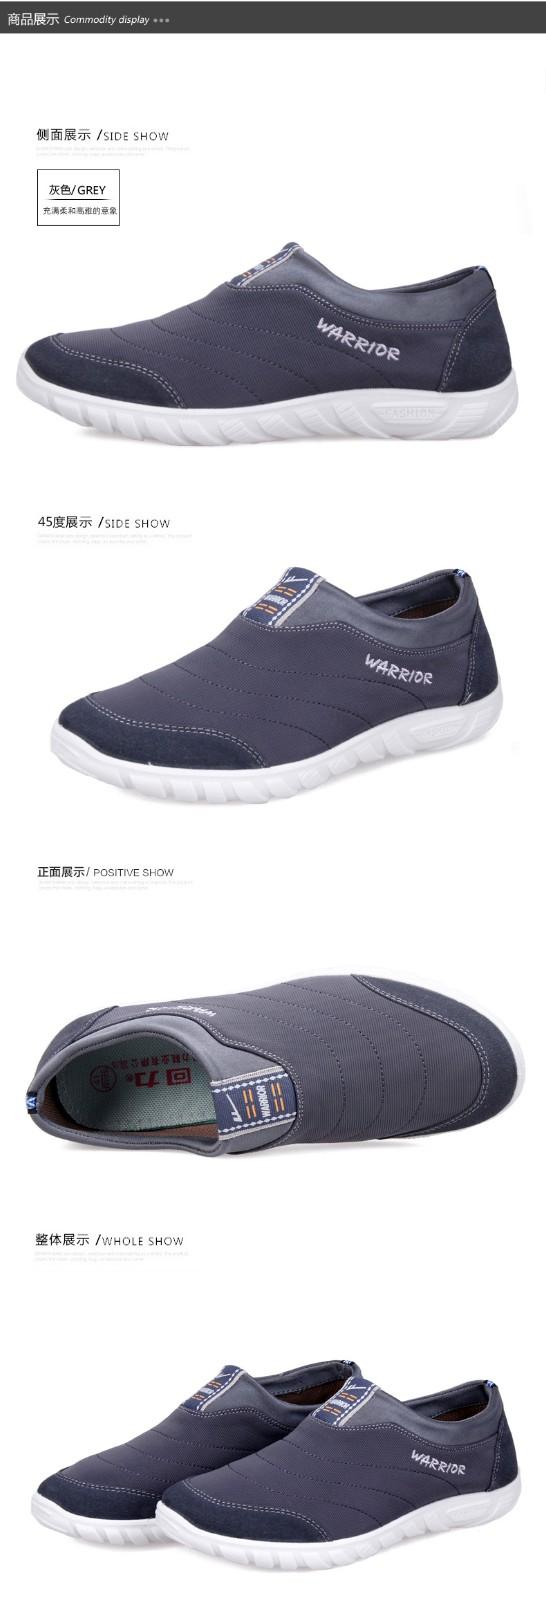 回力男鞋帆布鞋子一脚蹬懒人鞋男士潮流韩版布鞋透气鞋图片十一